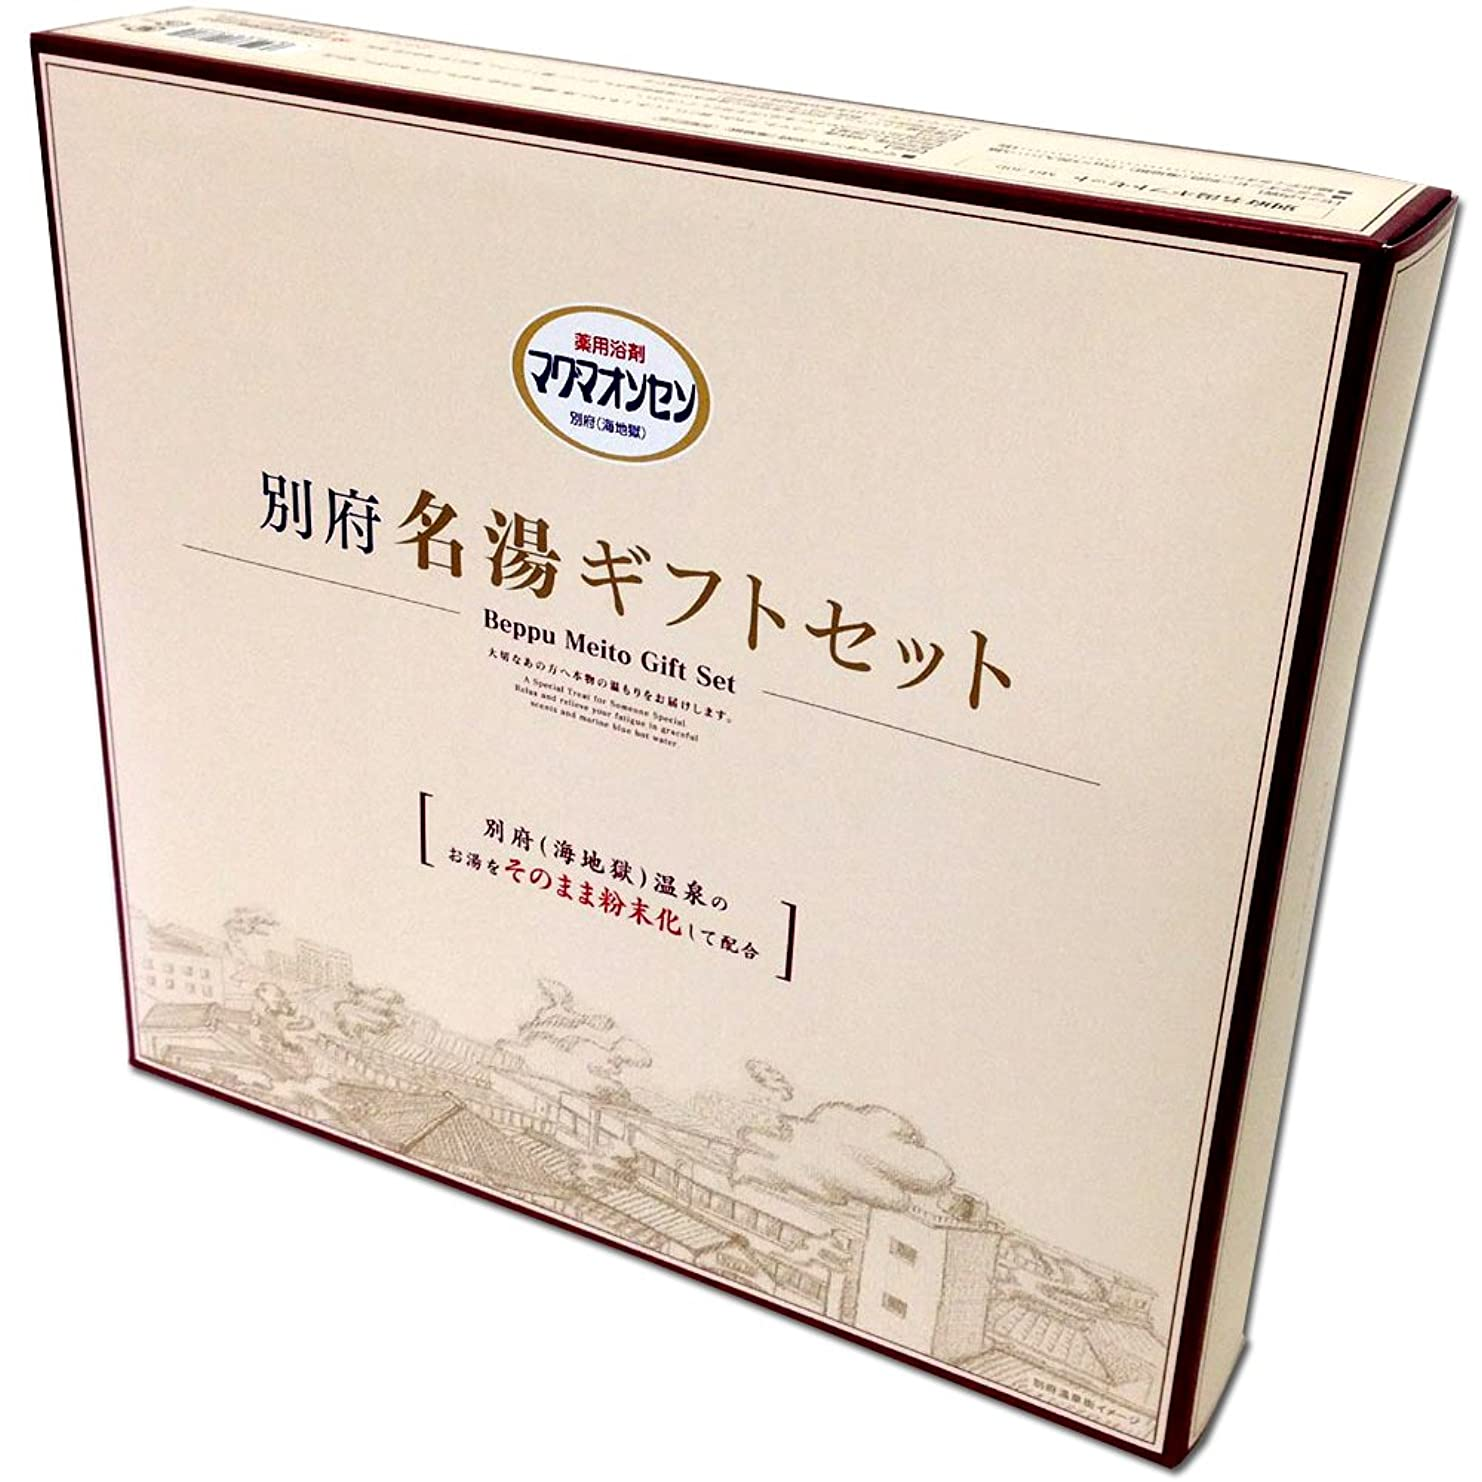 義務的接続されたディレクトリ薬用浴剤 マグマオンセン別府(海地獄)名湯ギフトセット